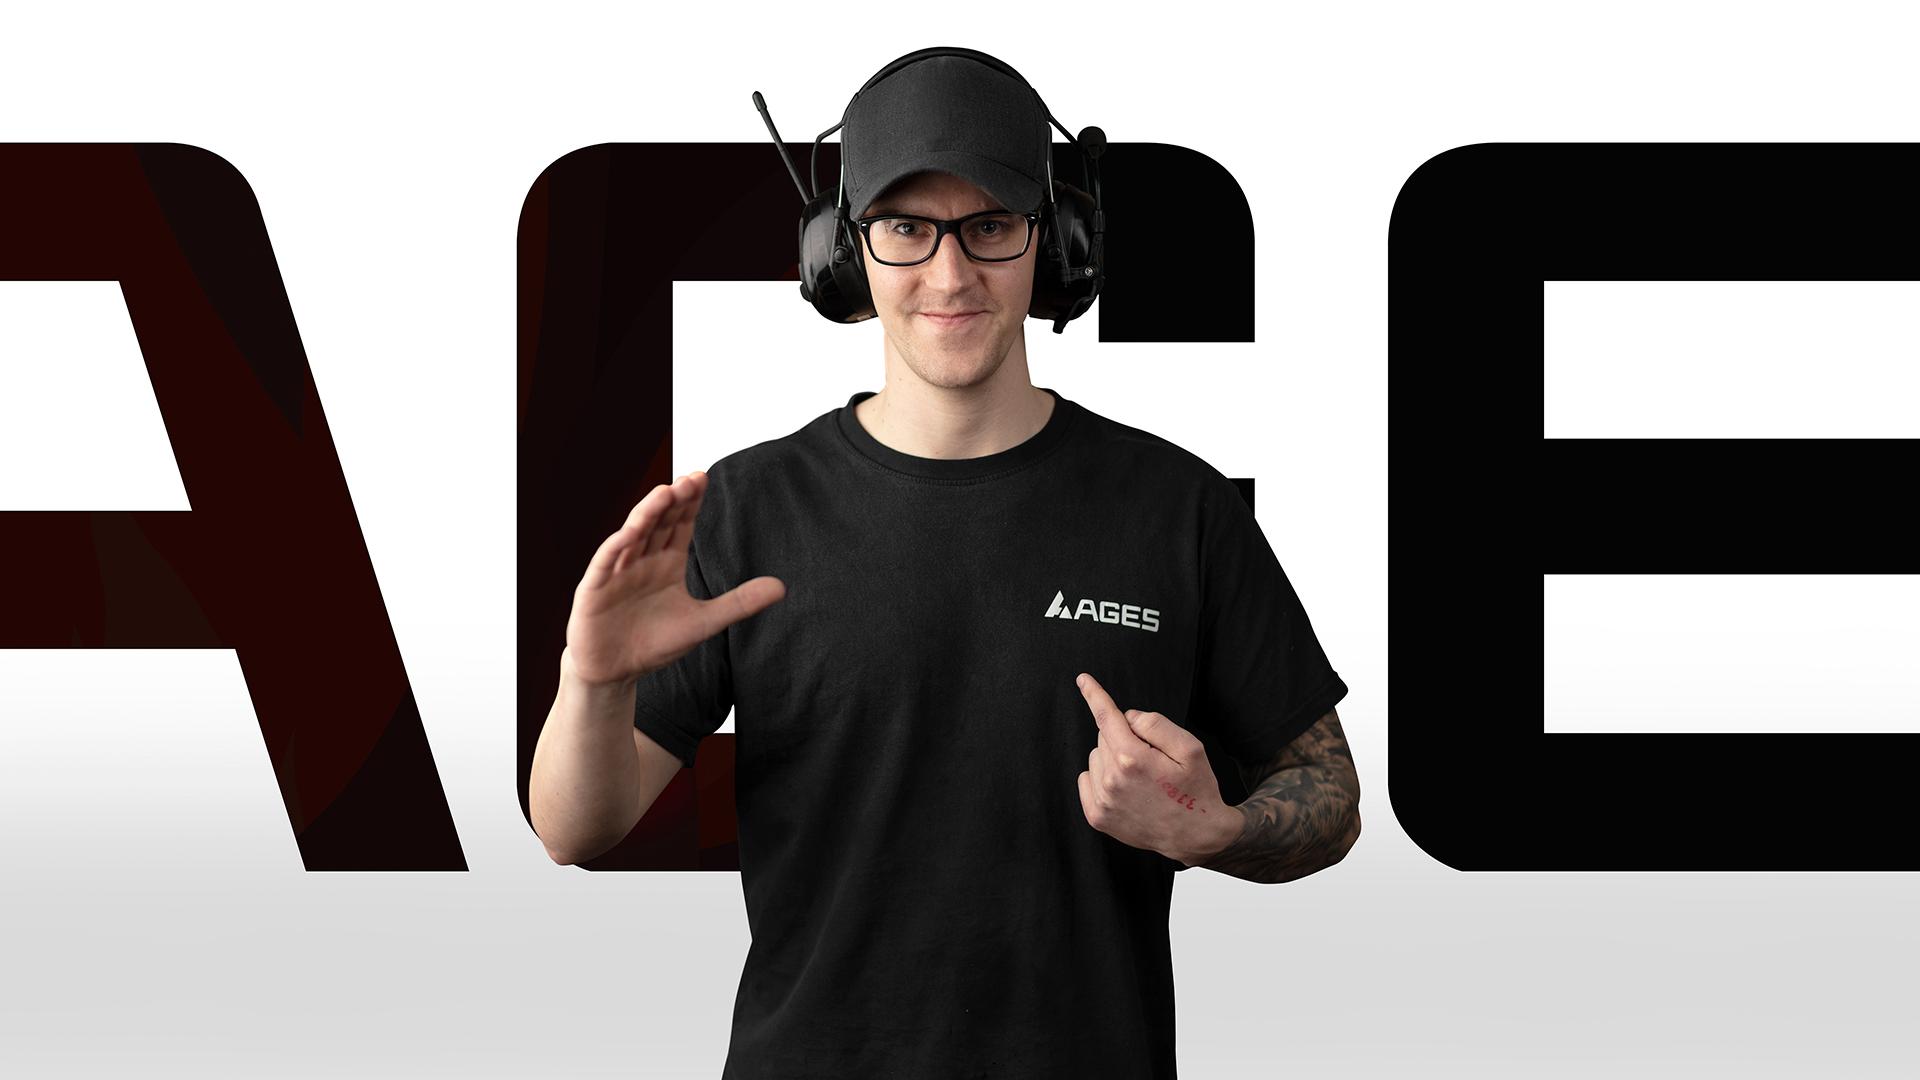 ages_team.jpg